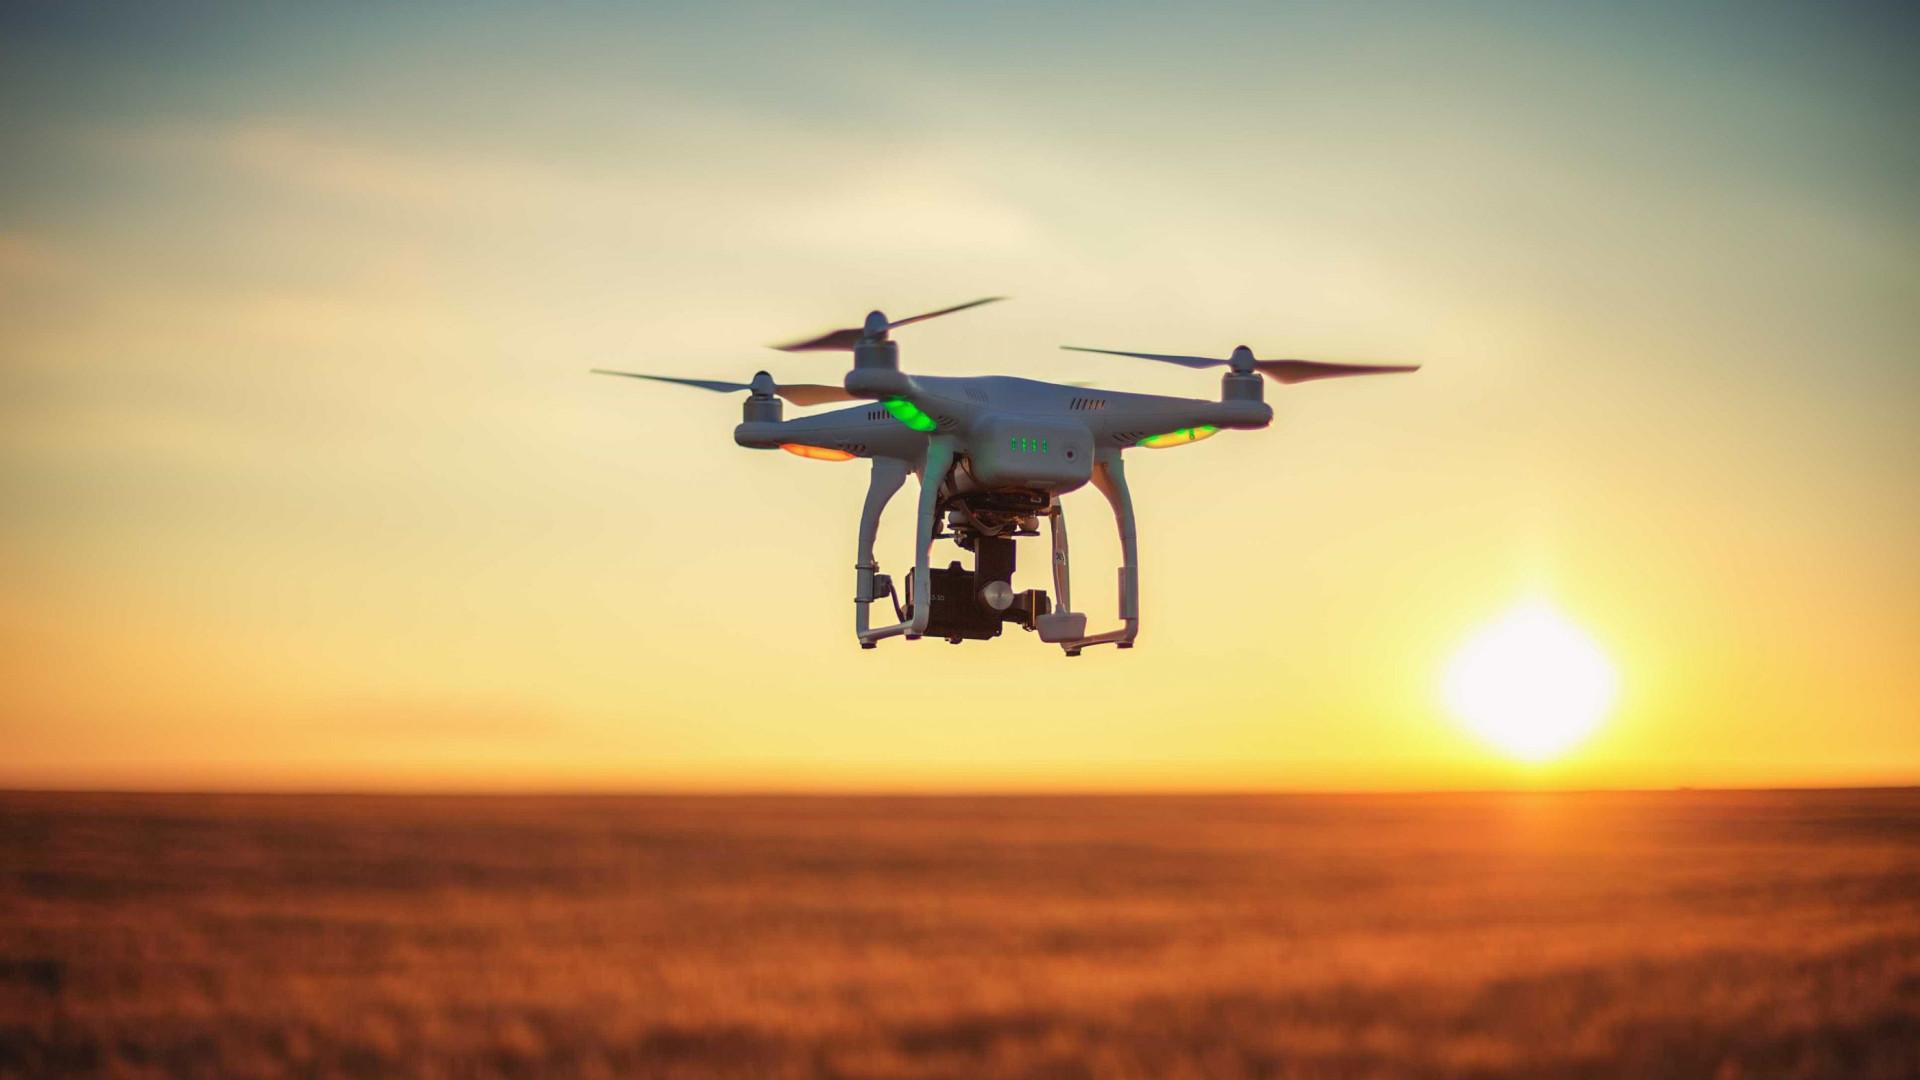 Consulta pública sobre drones recebeu 70 participações